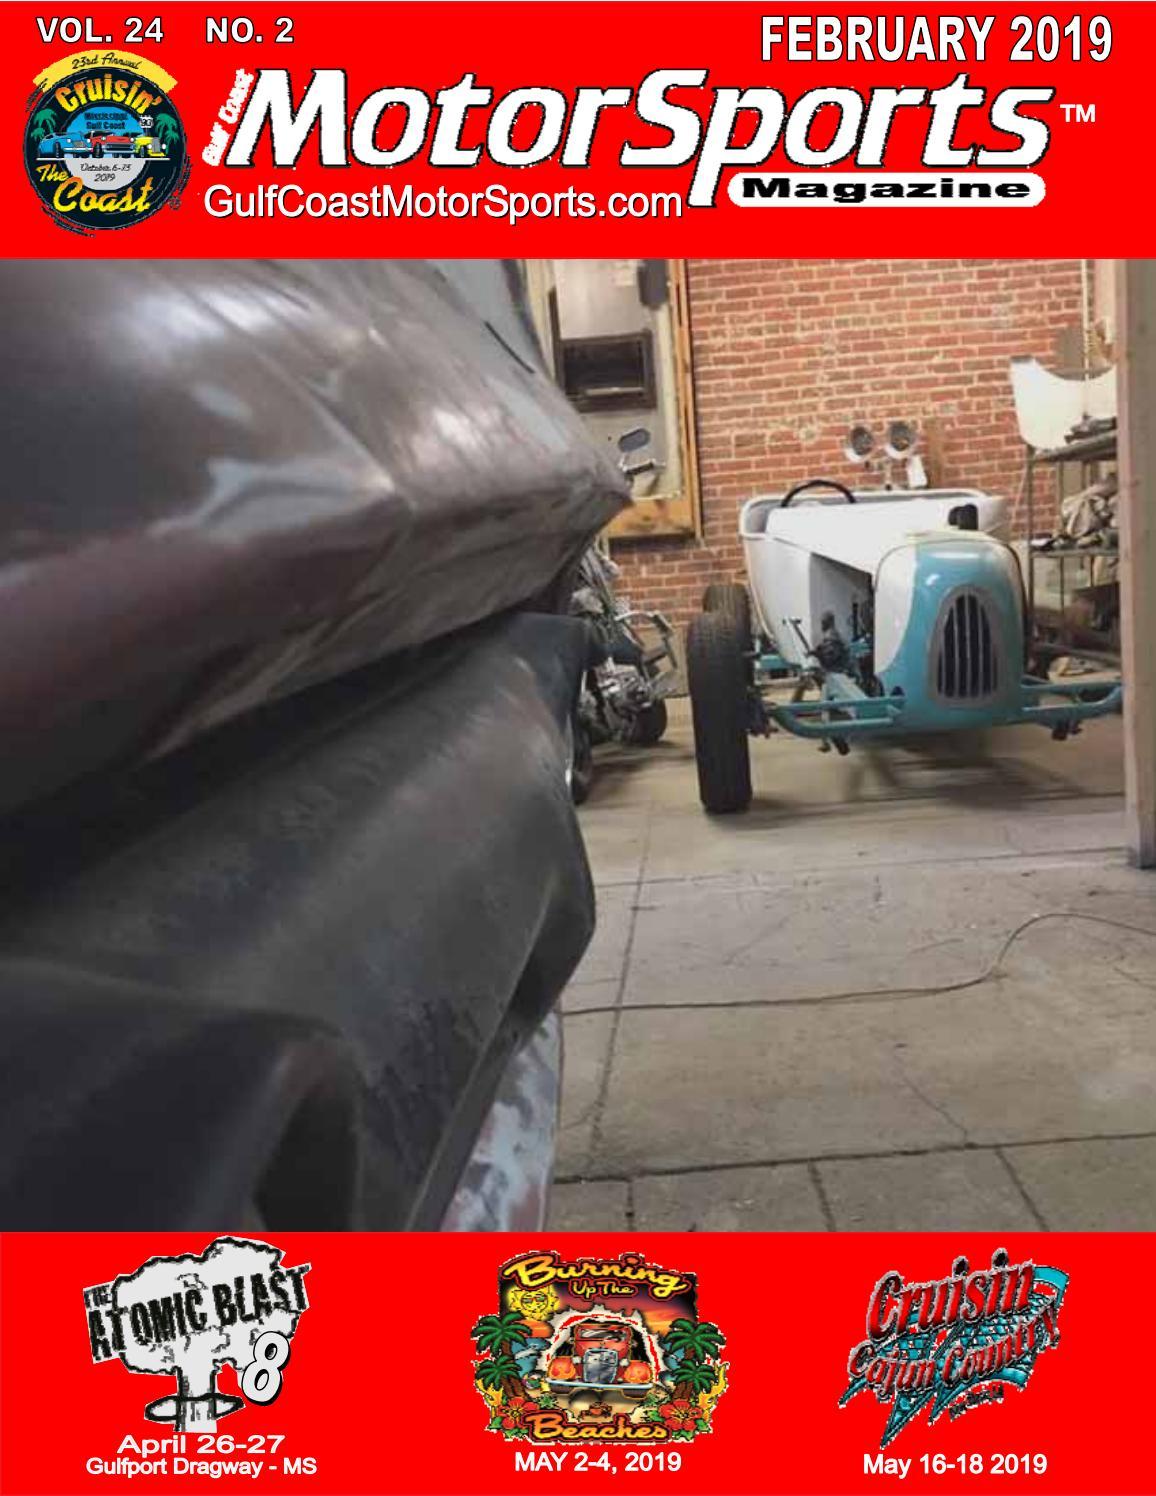 February 2019 Gulf Coast Motorsports Magazine By Jimbo Perkins Issuu